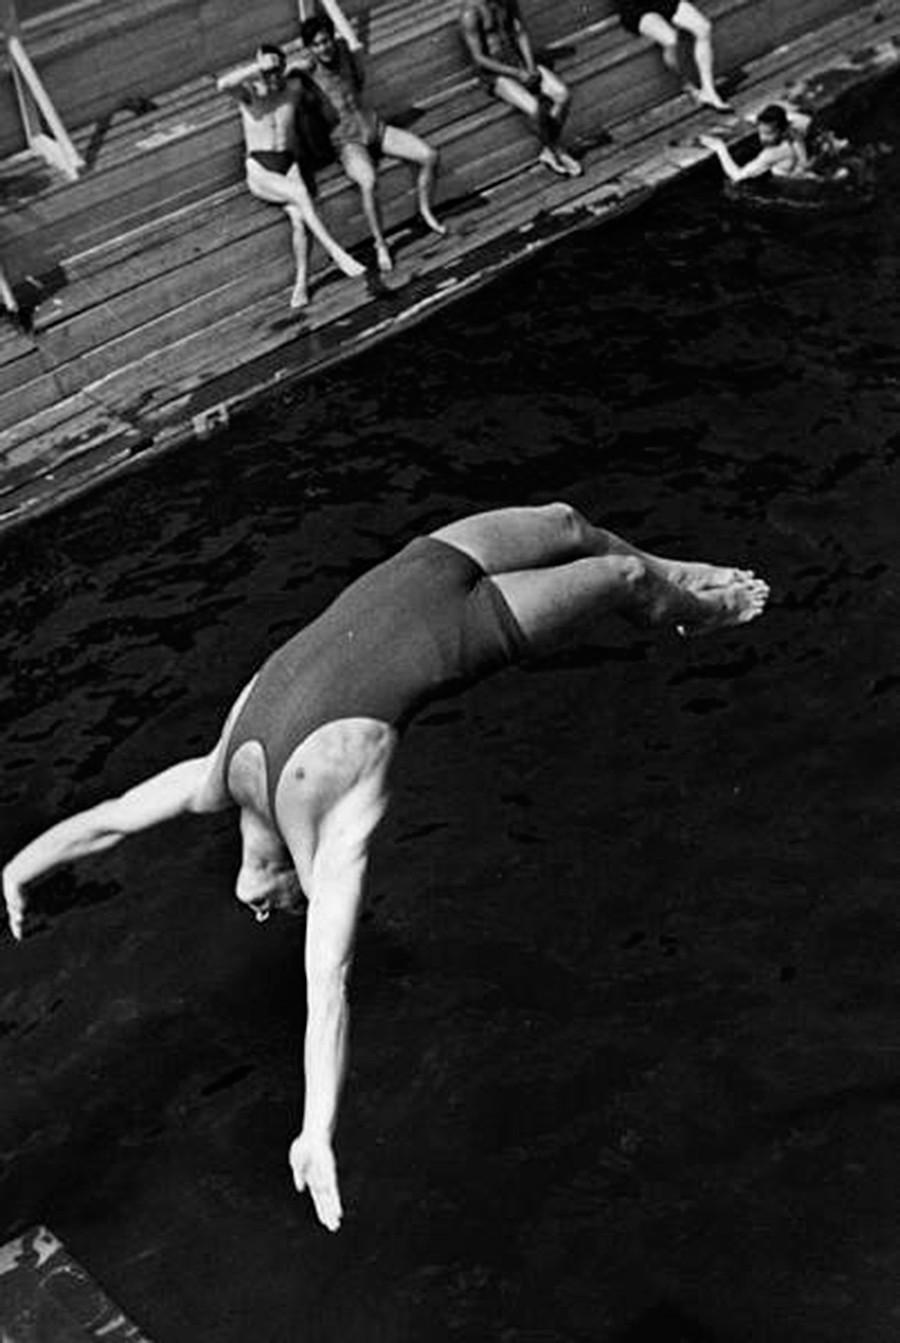 水泳と飛び込みは大変な人気を誇った、男性飛び込み選手、1934年